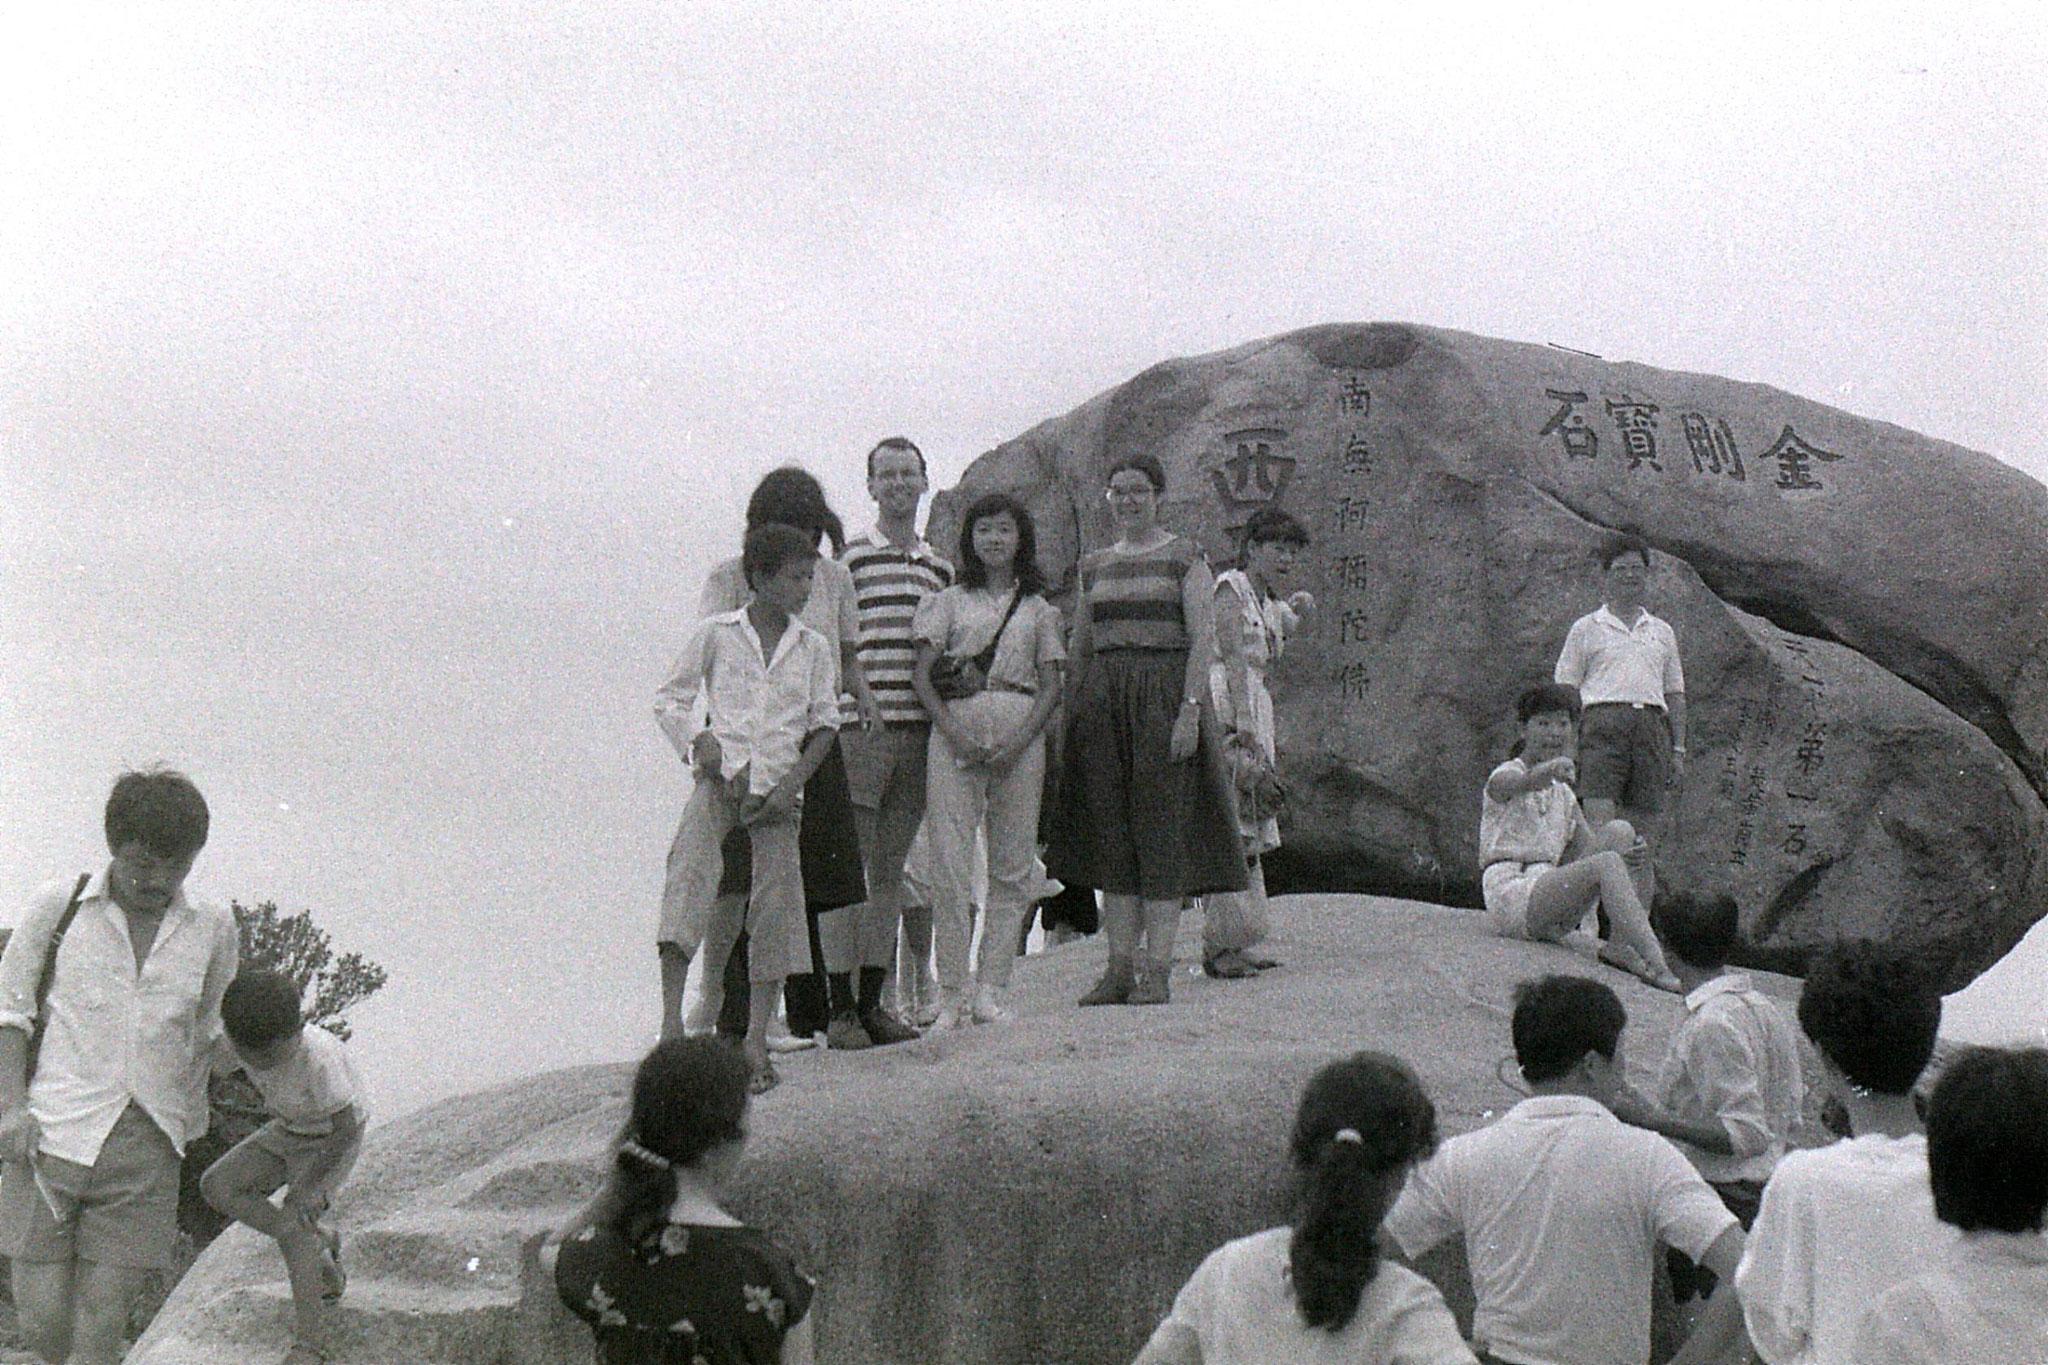 24/7/1989: 26: Putuo Pantuo Rock, E, R & PDD